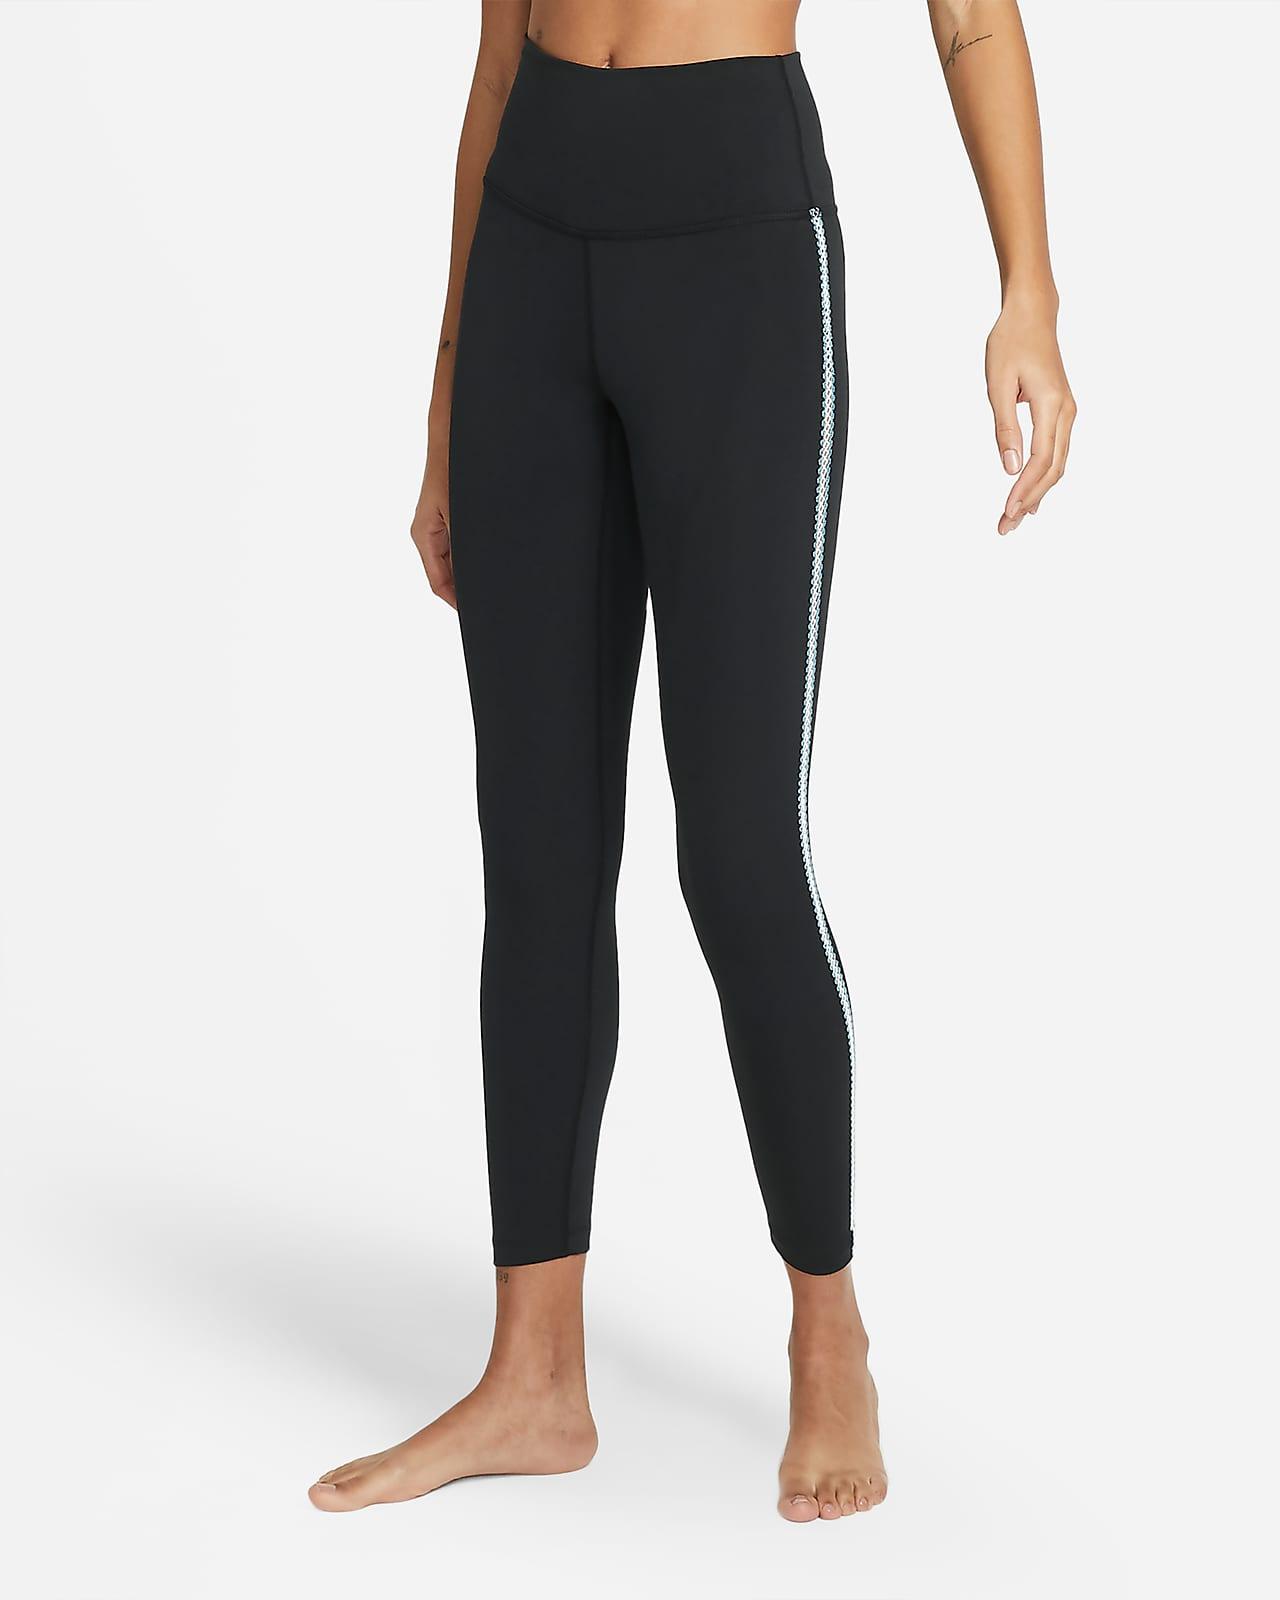 Nike Yoga 7/8 Kroşe Kenarlı Kadın Taytı